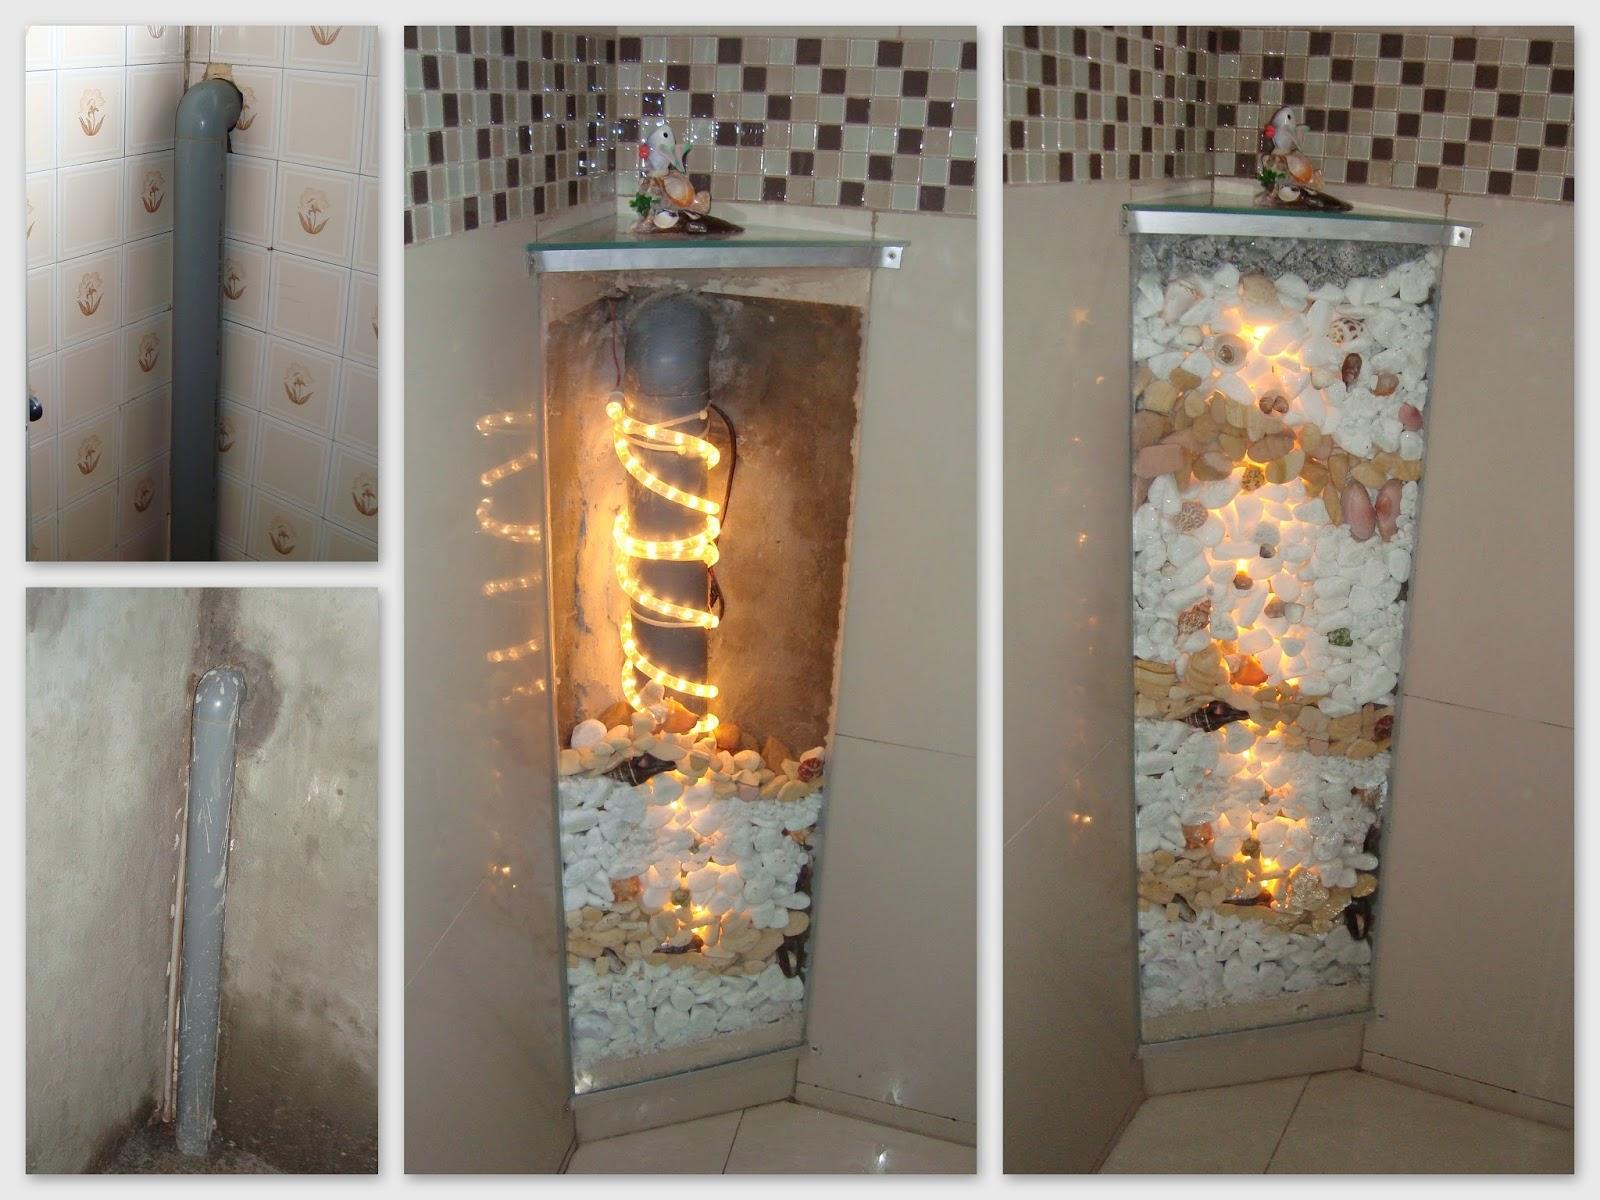 Terceiro foi feita a colocação das pedras conchas e caramujos  #996332 1600x1200 Banheiro Box Cortina